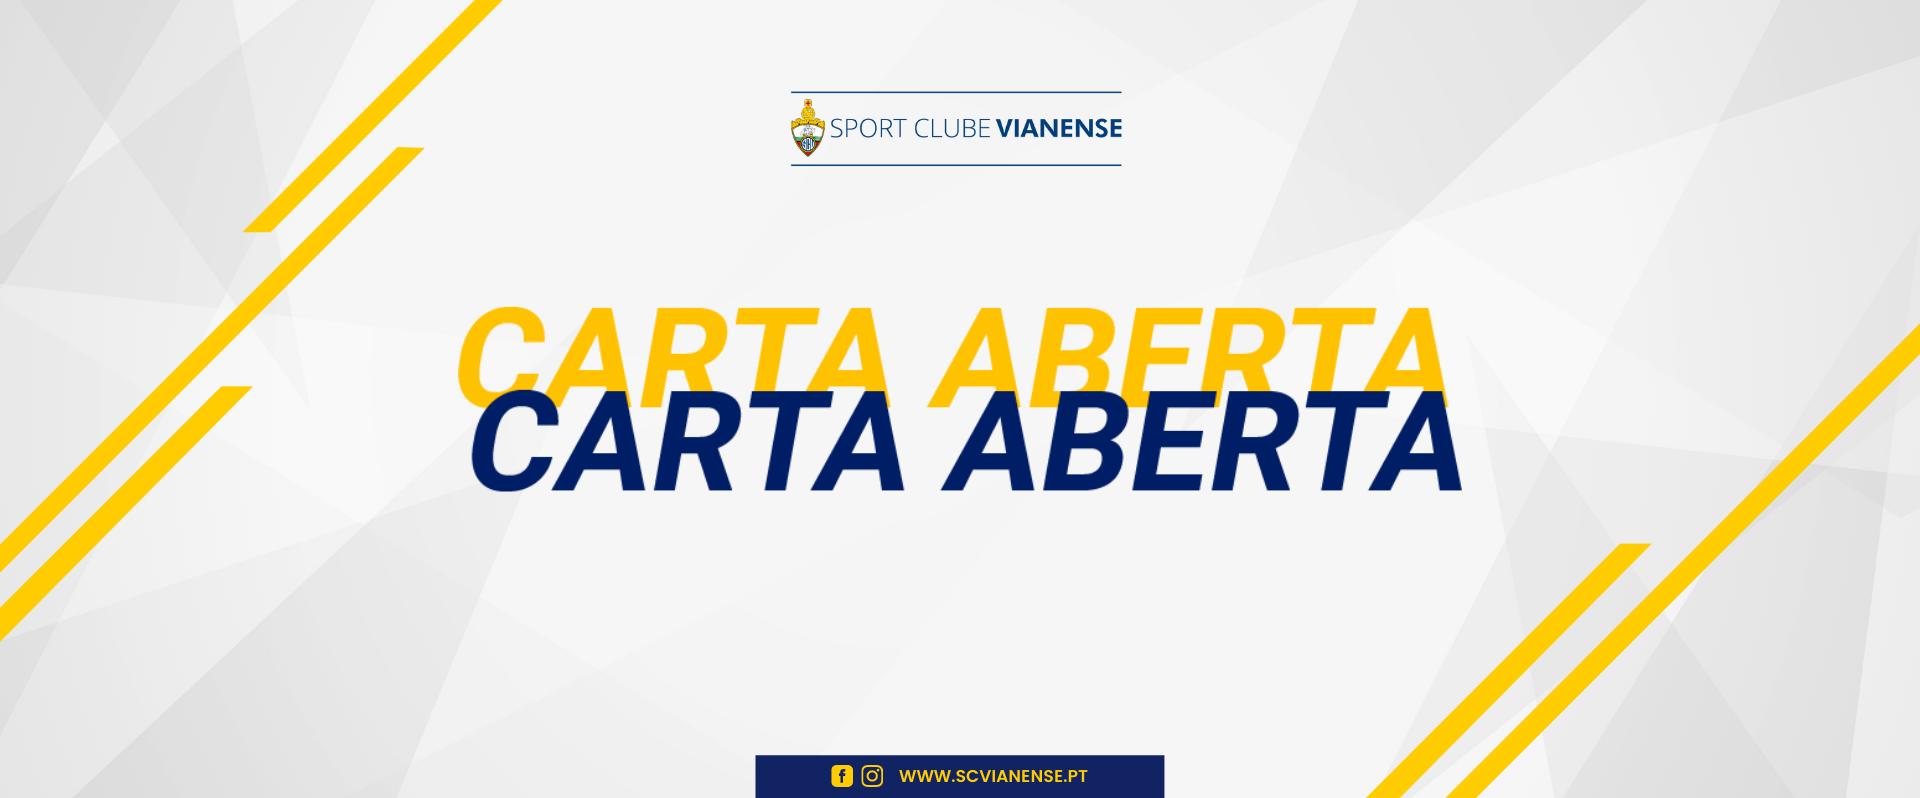 Carta Aberta da Direção do Sport Clube Vianense